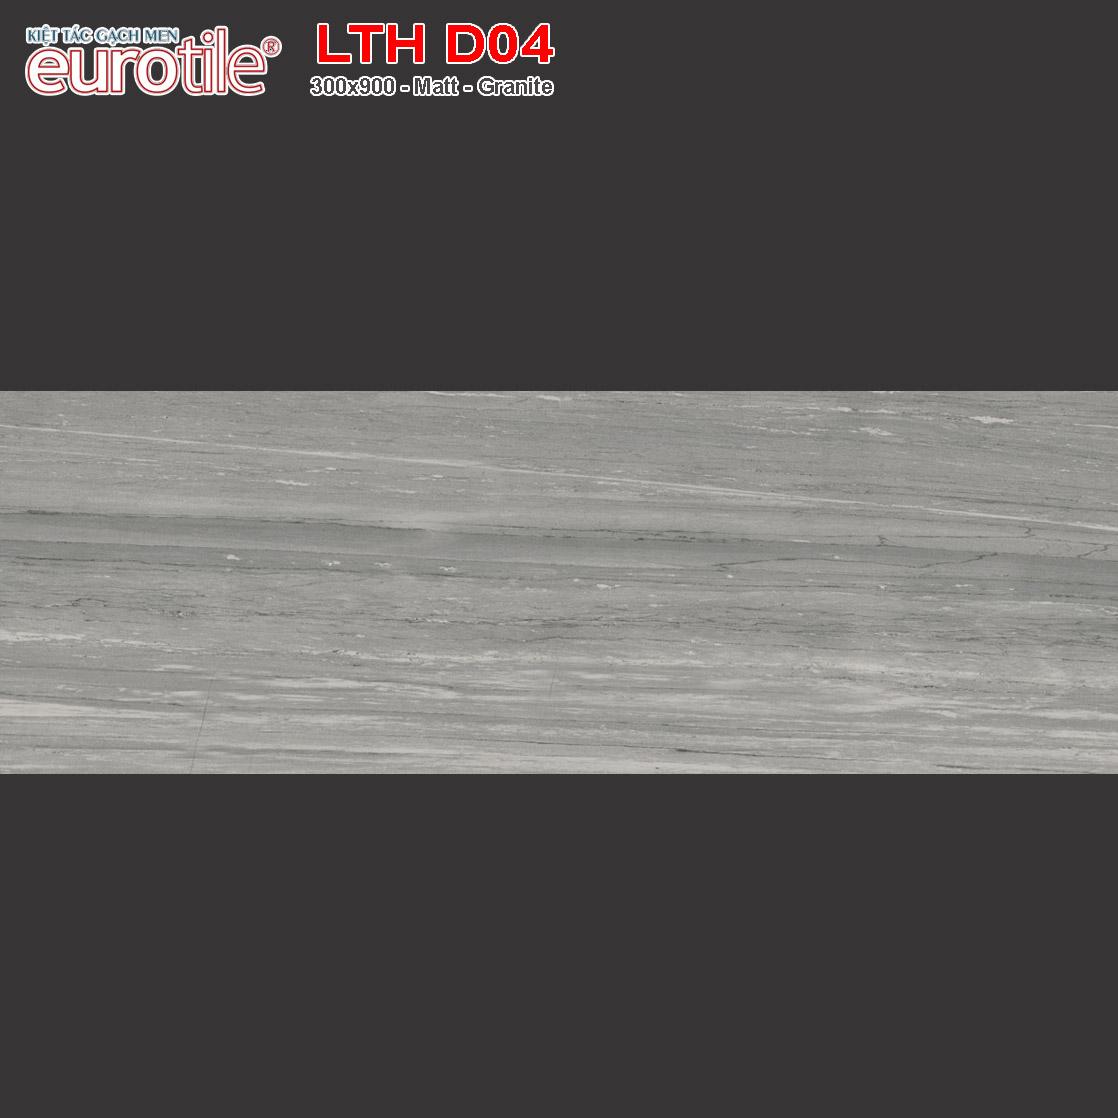 Gạch ốp lát 300x900 Eurotile Lưu Thủy LTH D04 giá ưu đãi